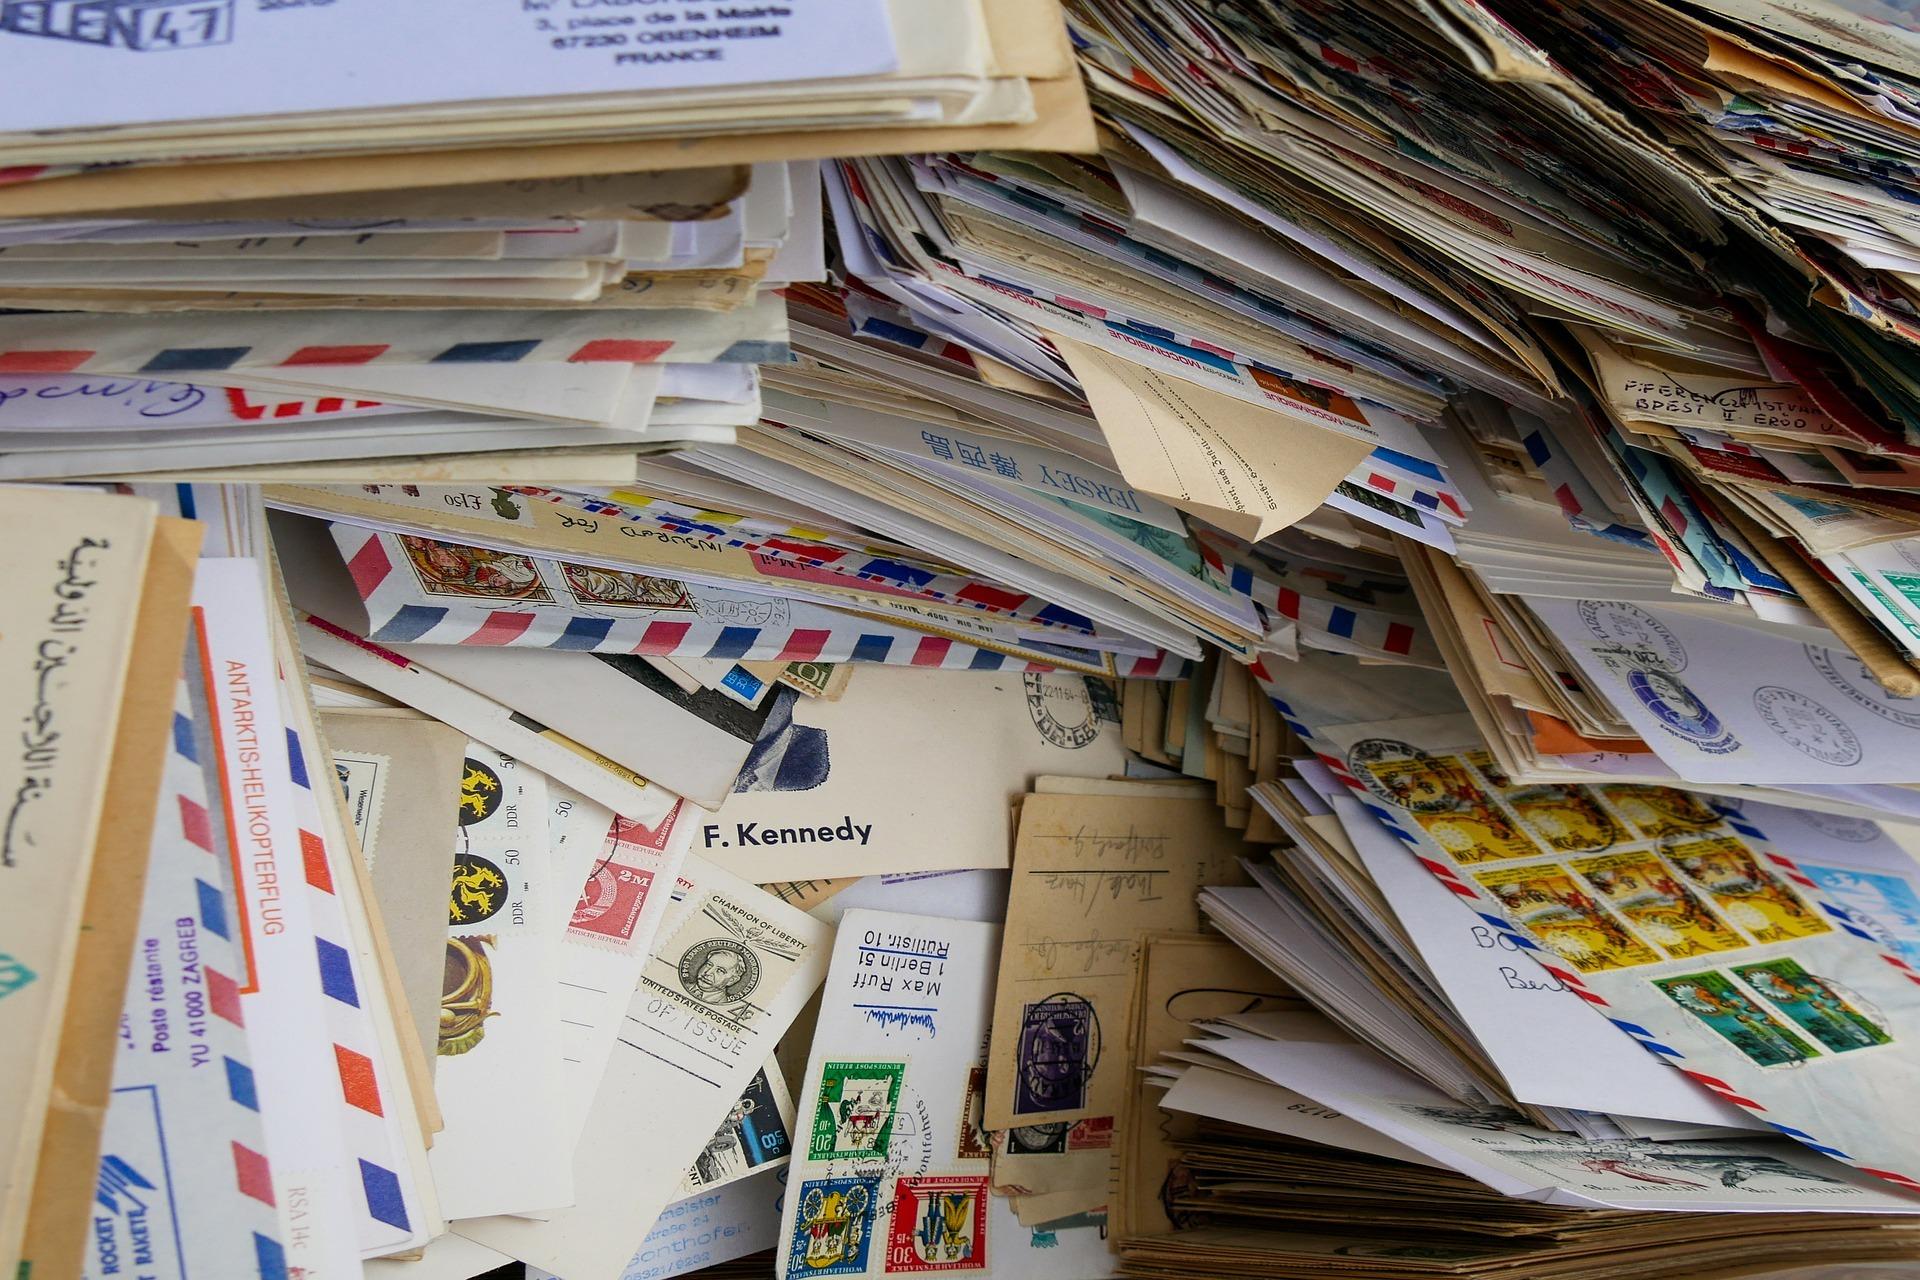 美國郵政擬明年1月漲價,亞馬遜快遞成本將增加13億美元